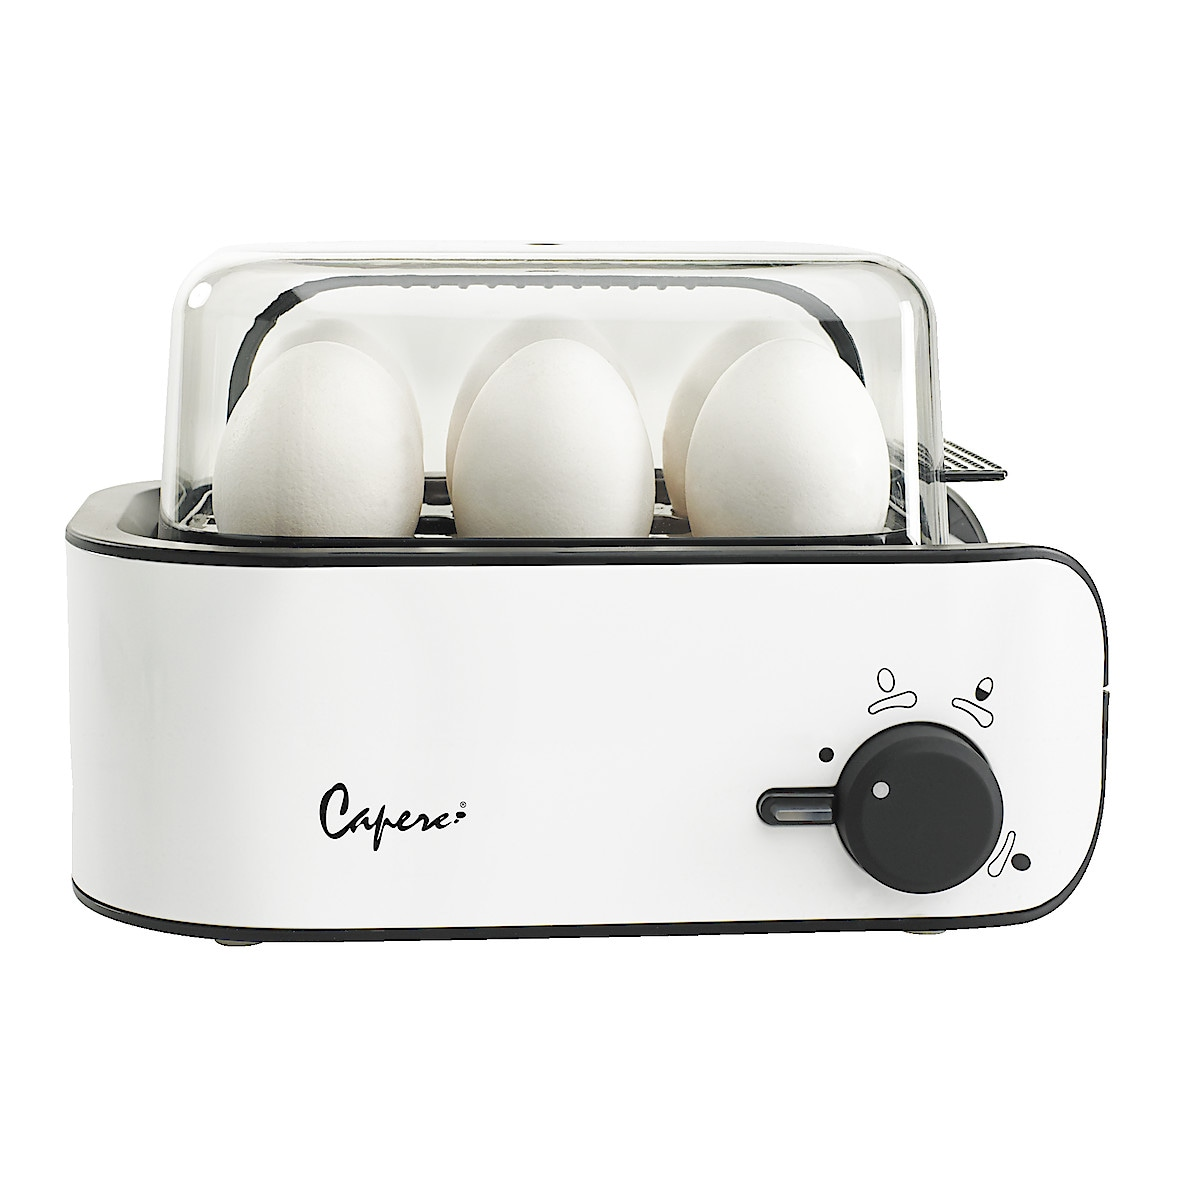 Eggkoker, Capere